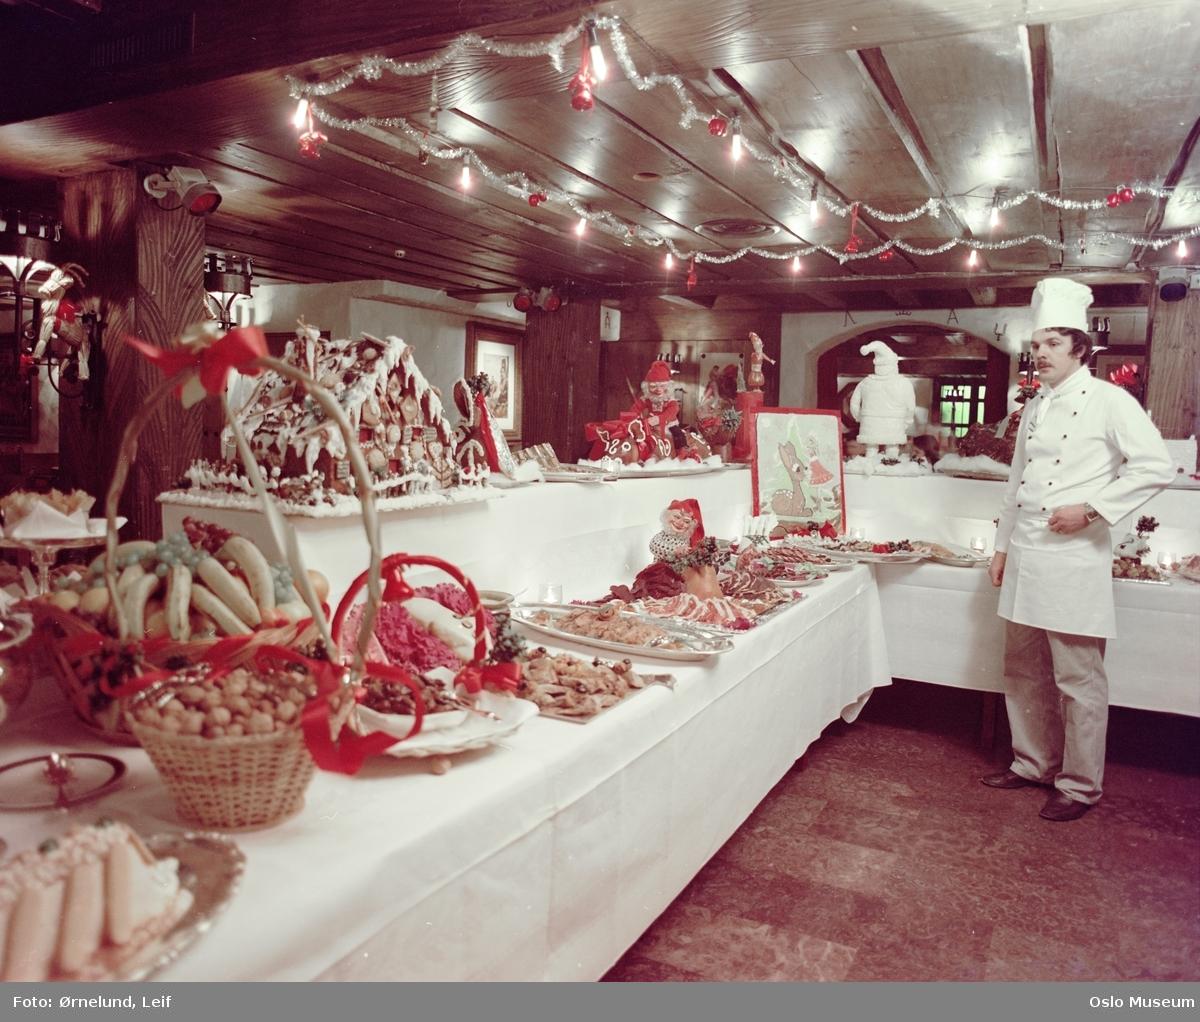 Hotel Bristol, interiør, restaurant, julebord, koldtbord, kokk